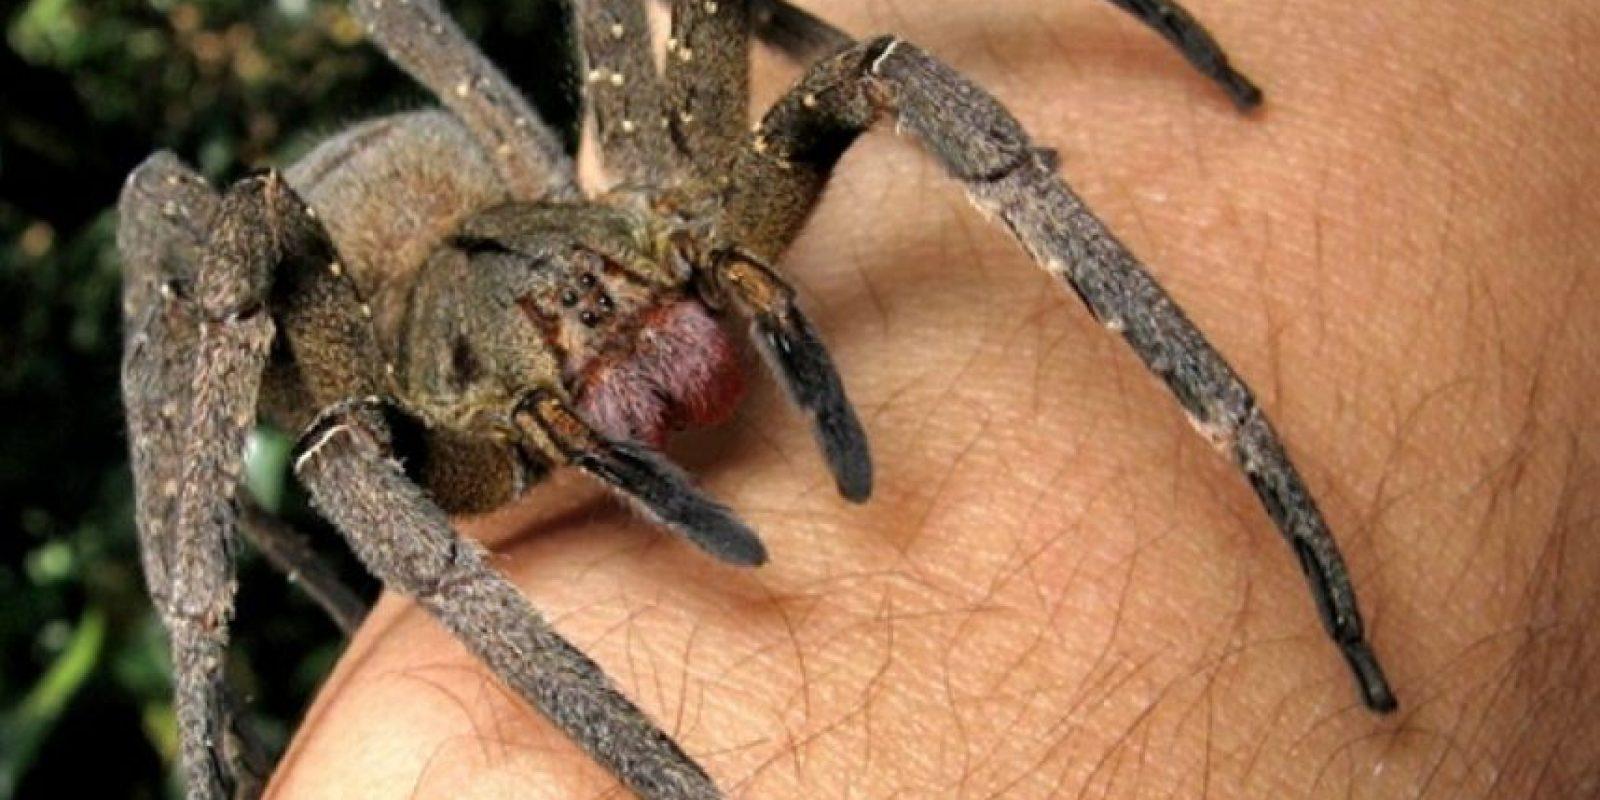 Araña errante brasileña: es una de las especies más agresivas. Su mordida puede ser fatal si no se trata. Foto:en.wikipedia.org